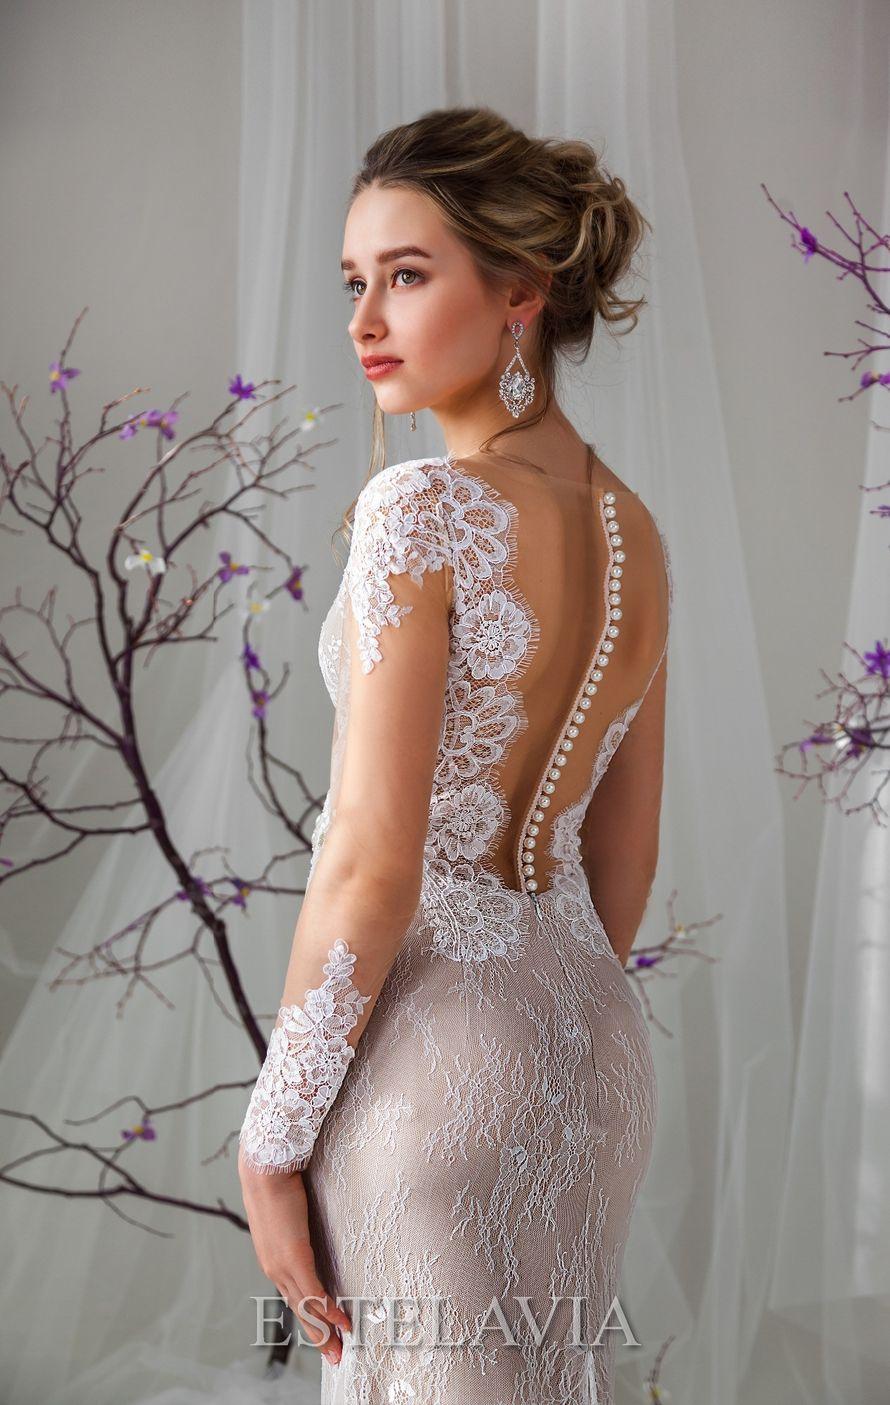 Фото 15450130 в коллекции Estelavia - Tyumen Wedding - салон свадебных платьев